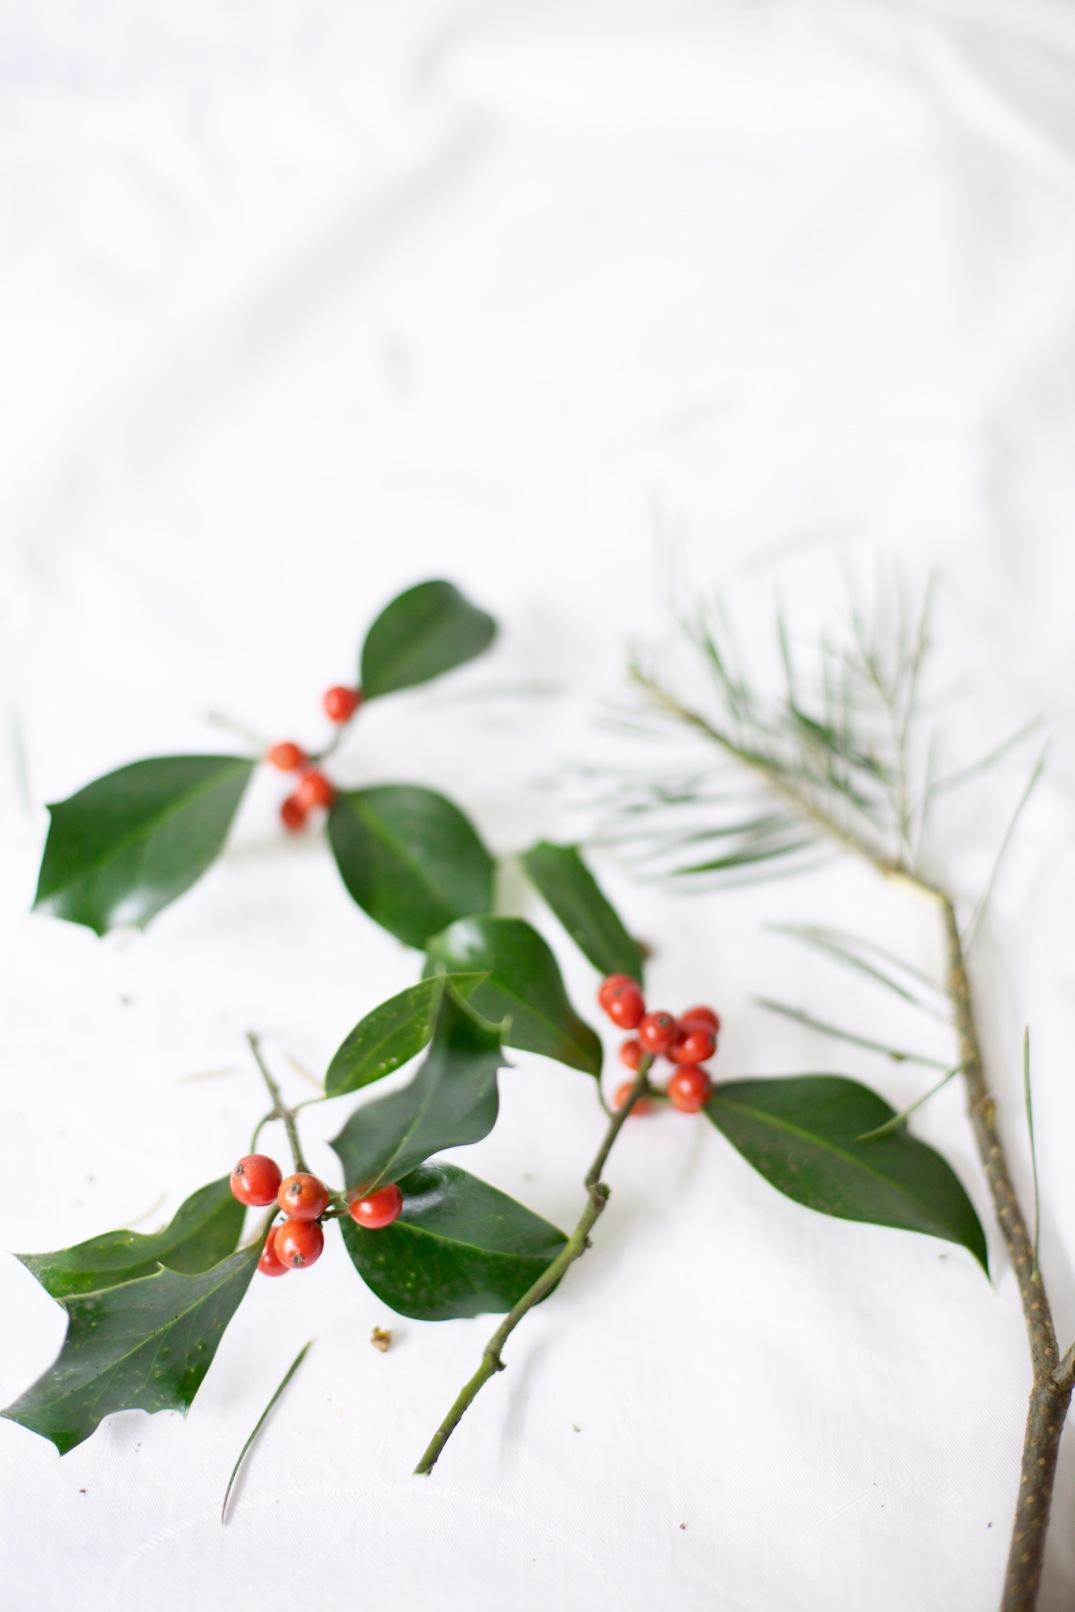 red winter berries via Anastasia Benko